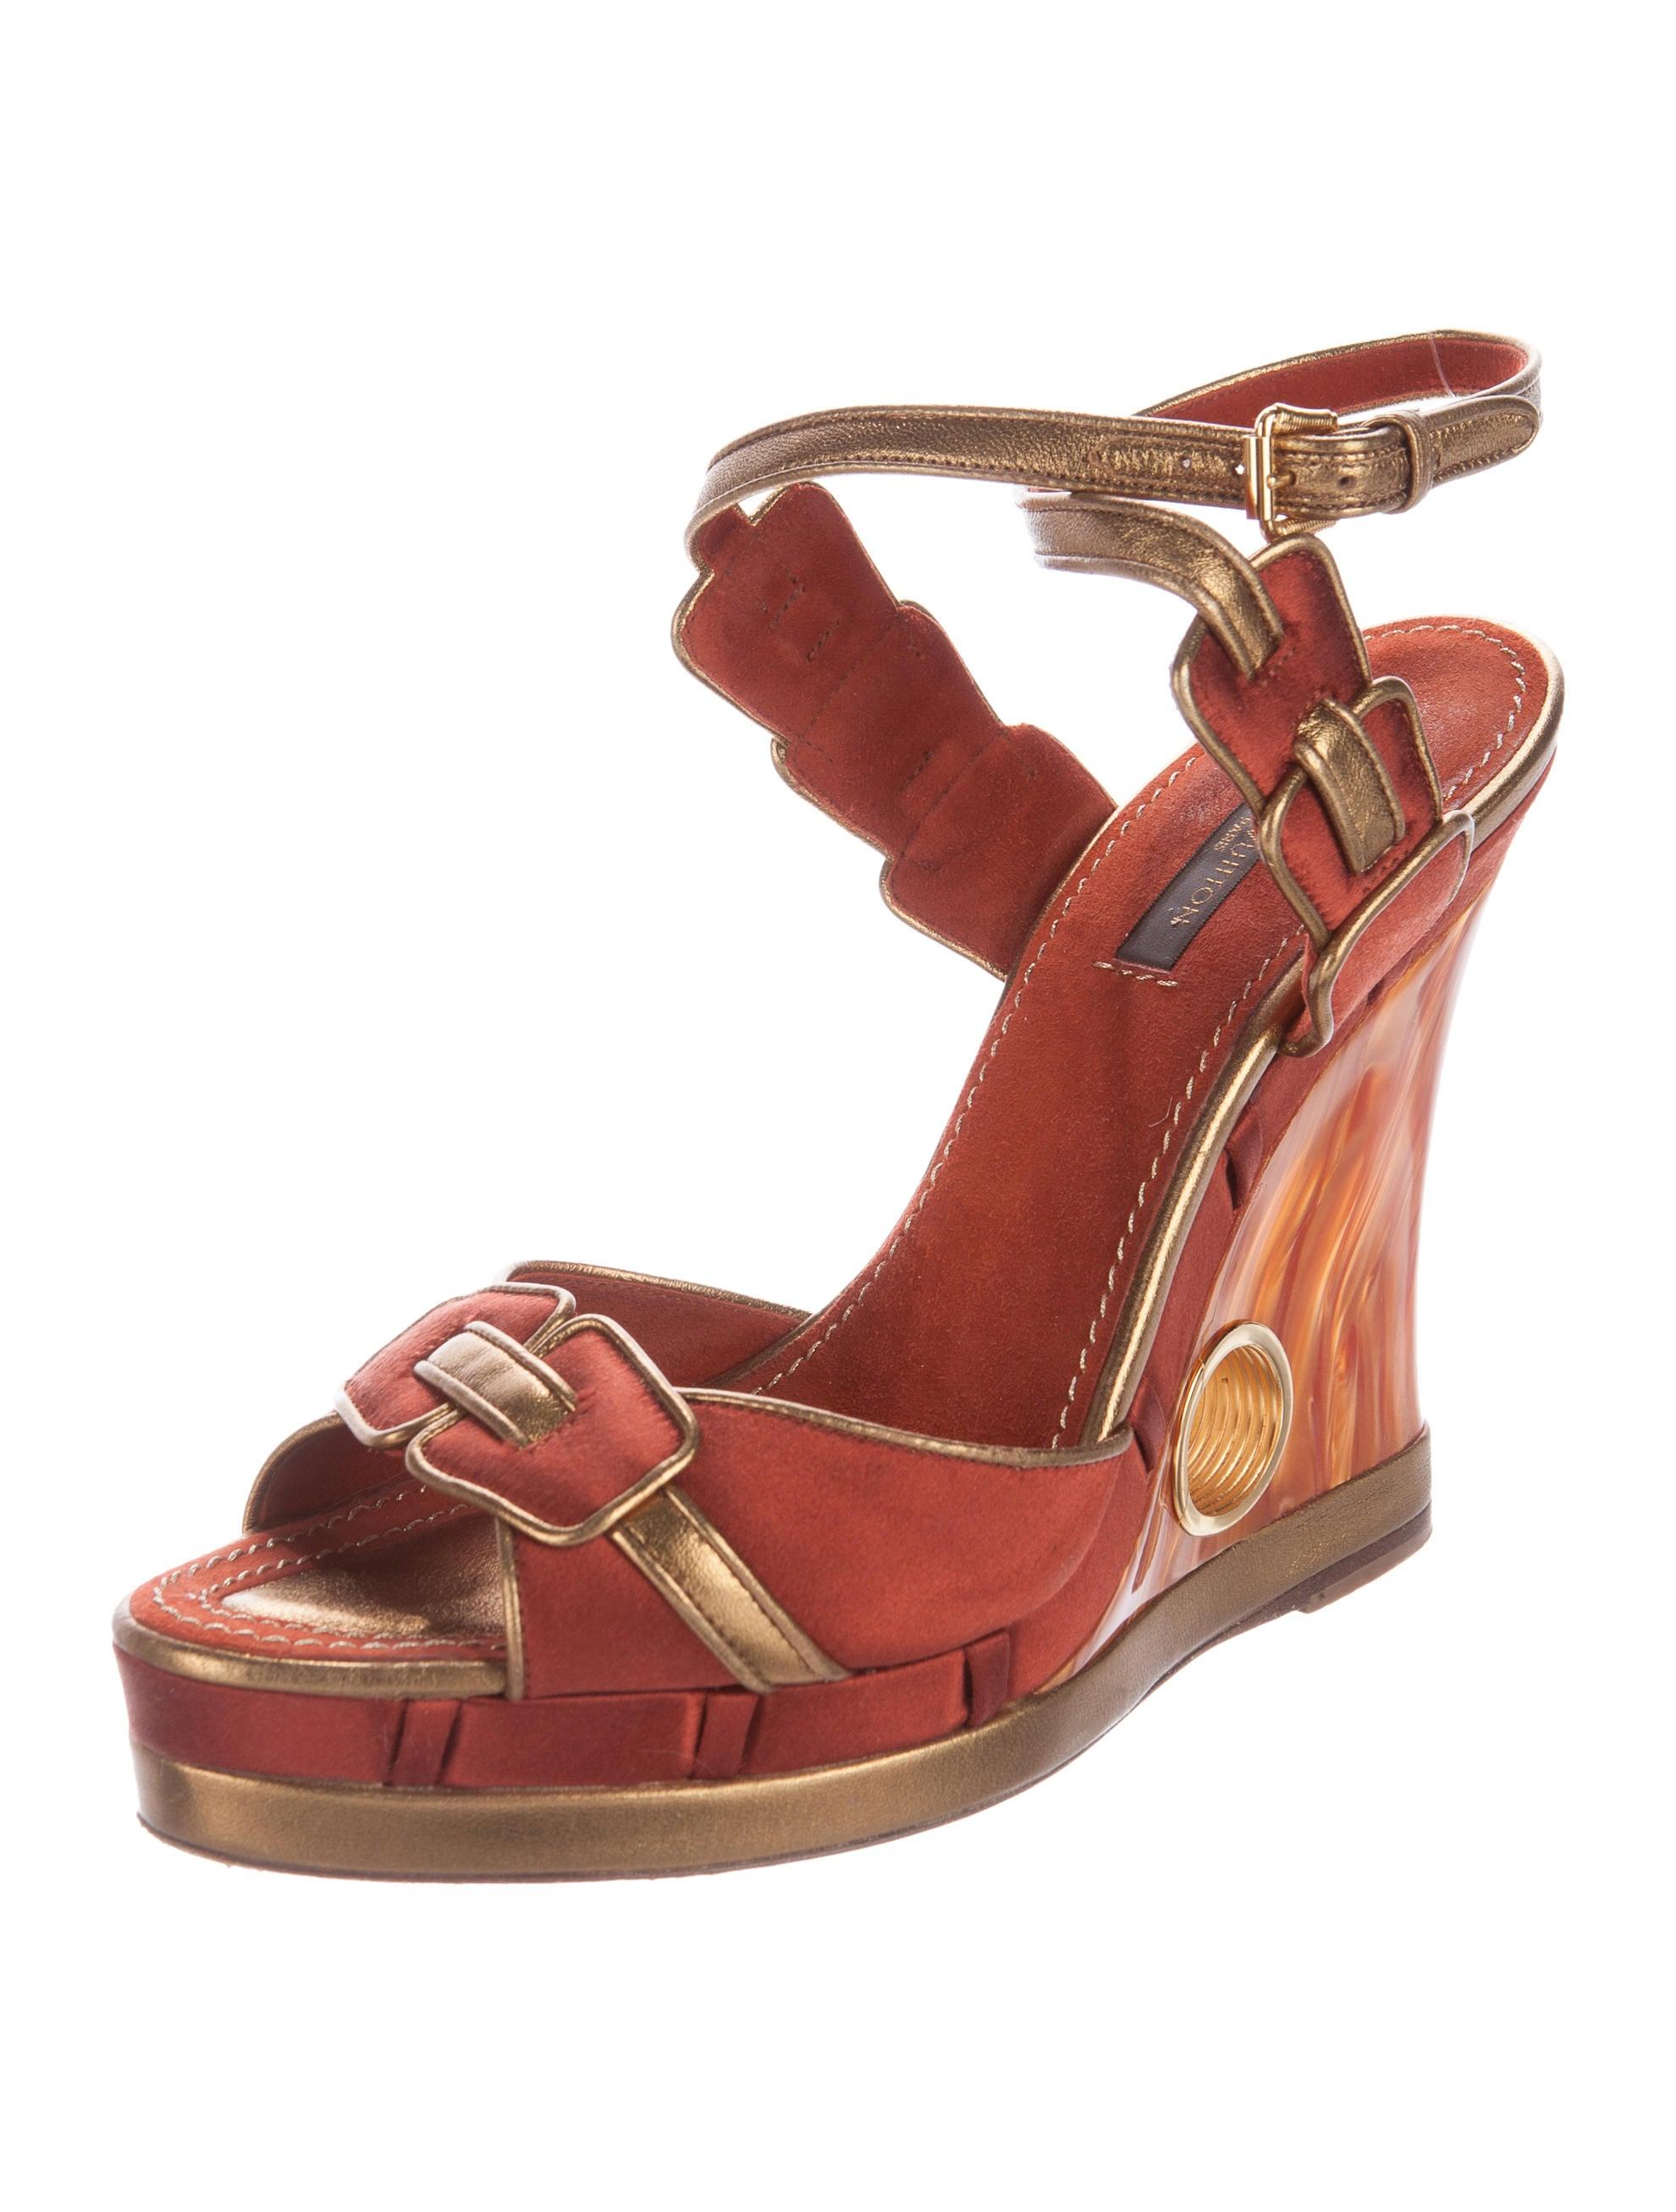 louis vuitton satin wedge sandals shoes lou107356